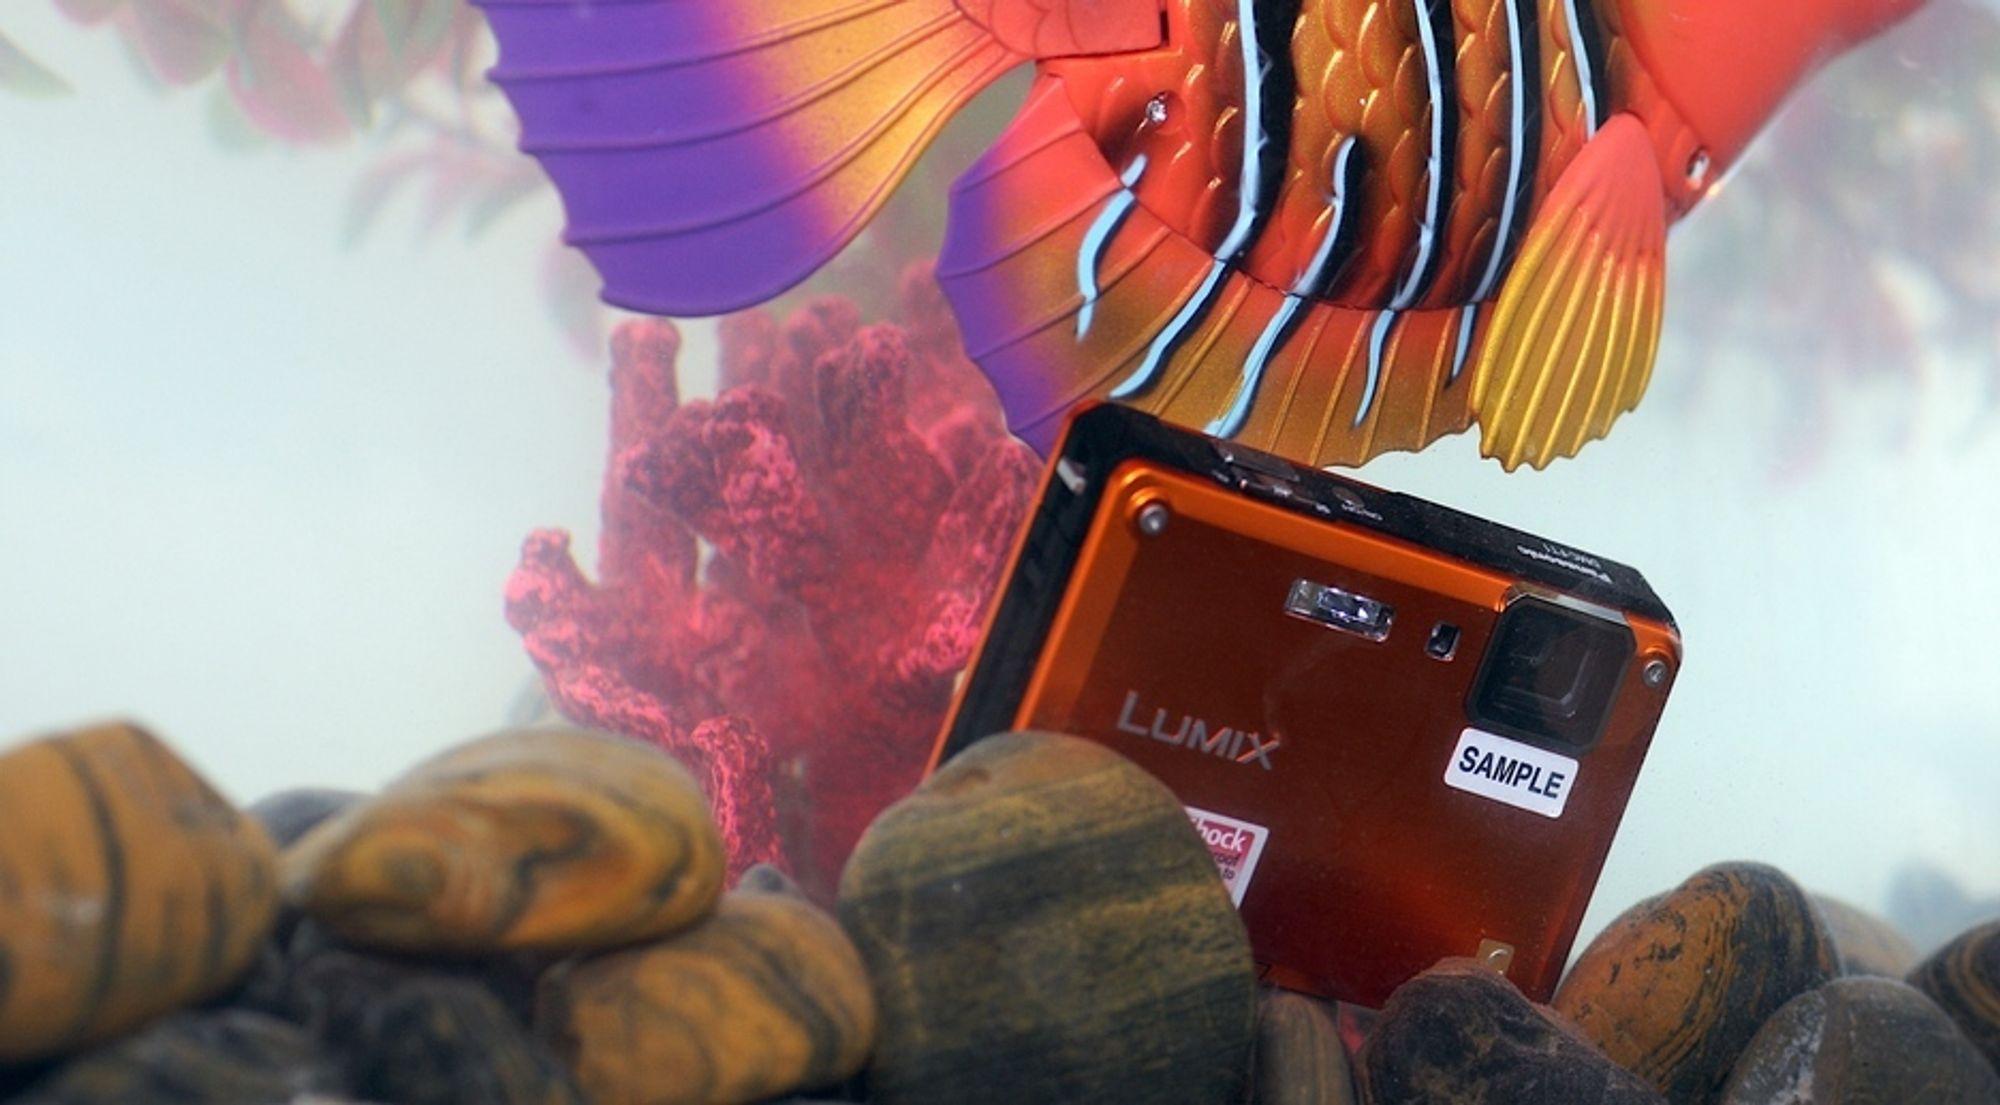 Panasonic Lumix TS1 er vann-, støv- og støtsikkert og støtter HD-video i 720p